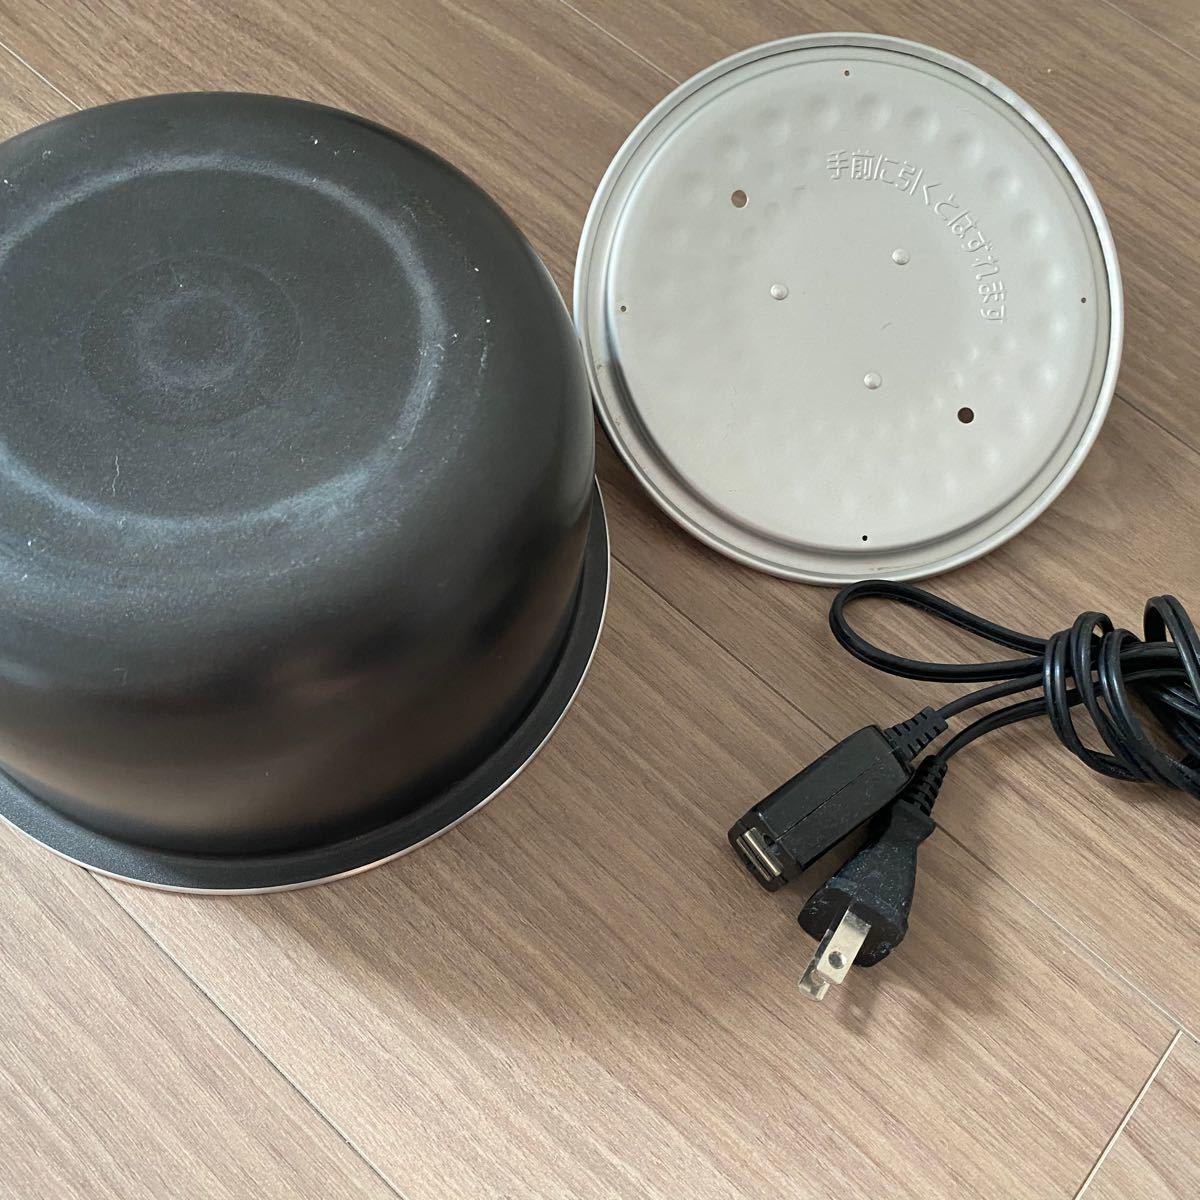 Tiger タイガー マイコンジャー 炊飯器 蓋 コード 鍋 1人暮らし 鍋 調理器具 付属品 IH